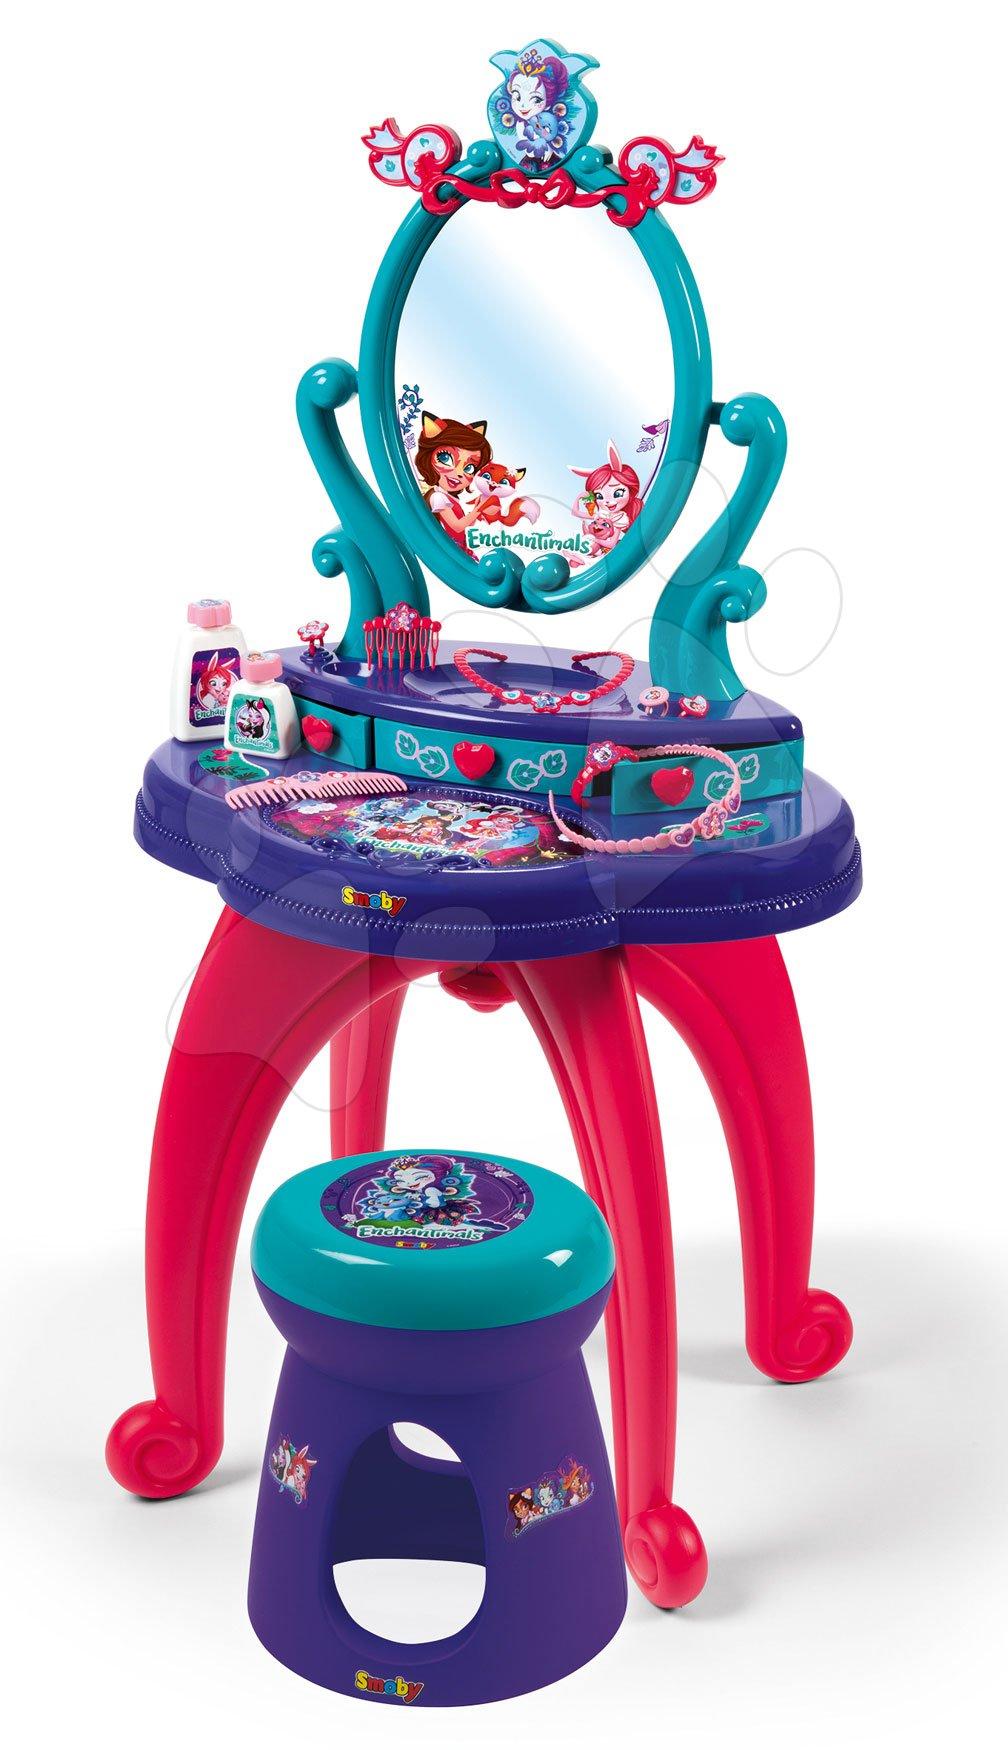 Kosmetický stolek pro děti - Kosmetický stolek Enchantimals 2v1 Smoby se židličkou a 10 doplňků